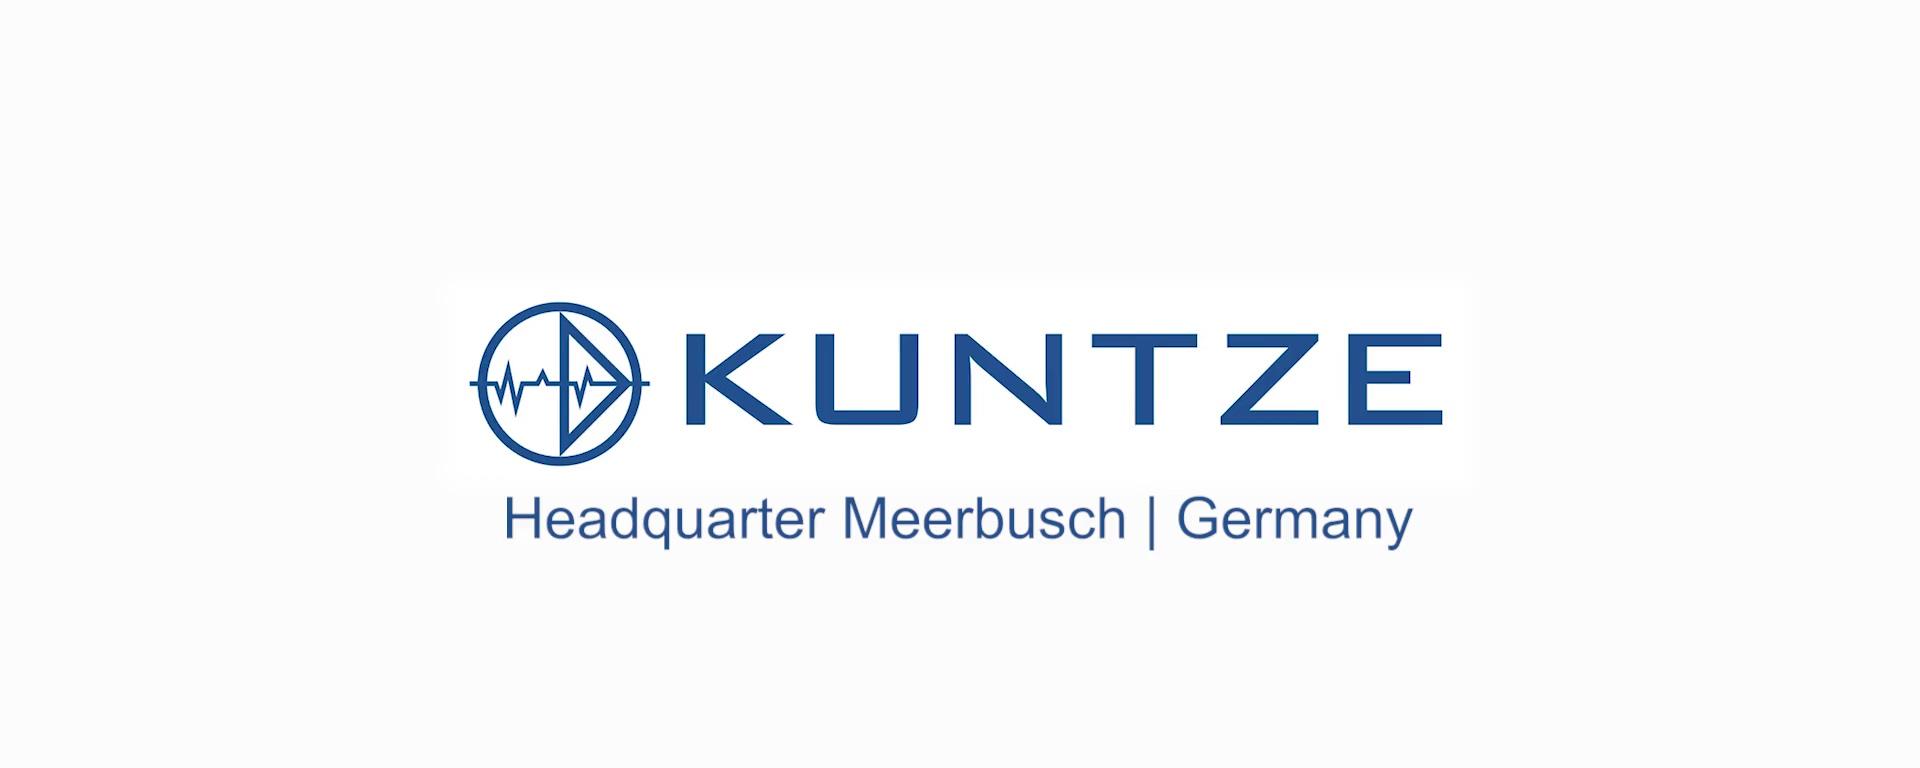 2019_Video_Kuntze_Headquarter